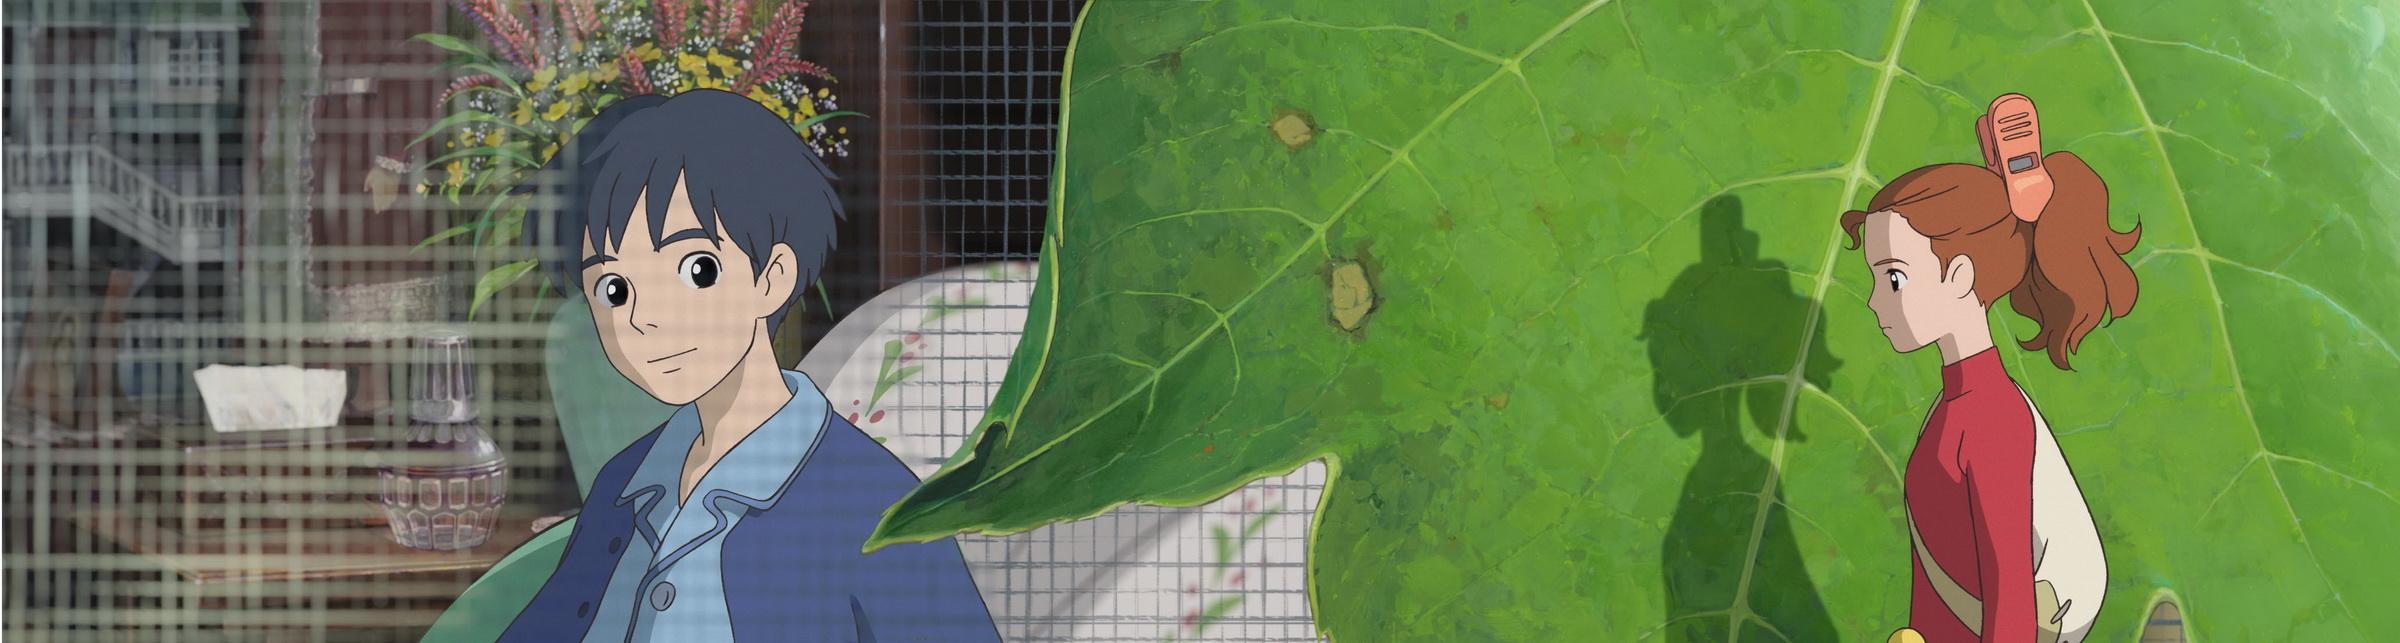 Arrietty y el Mundo de los Diminutos [Dual Audio] [MEGA]